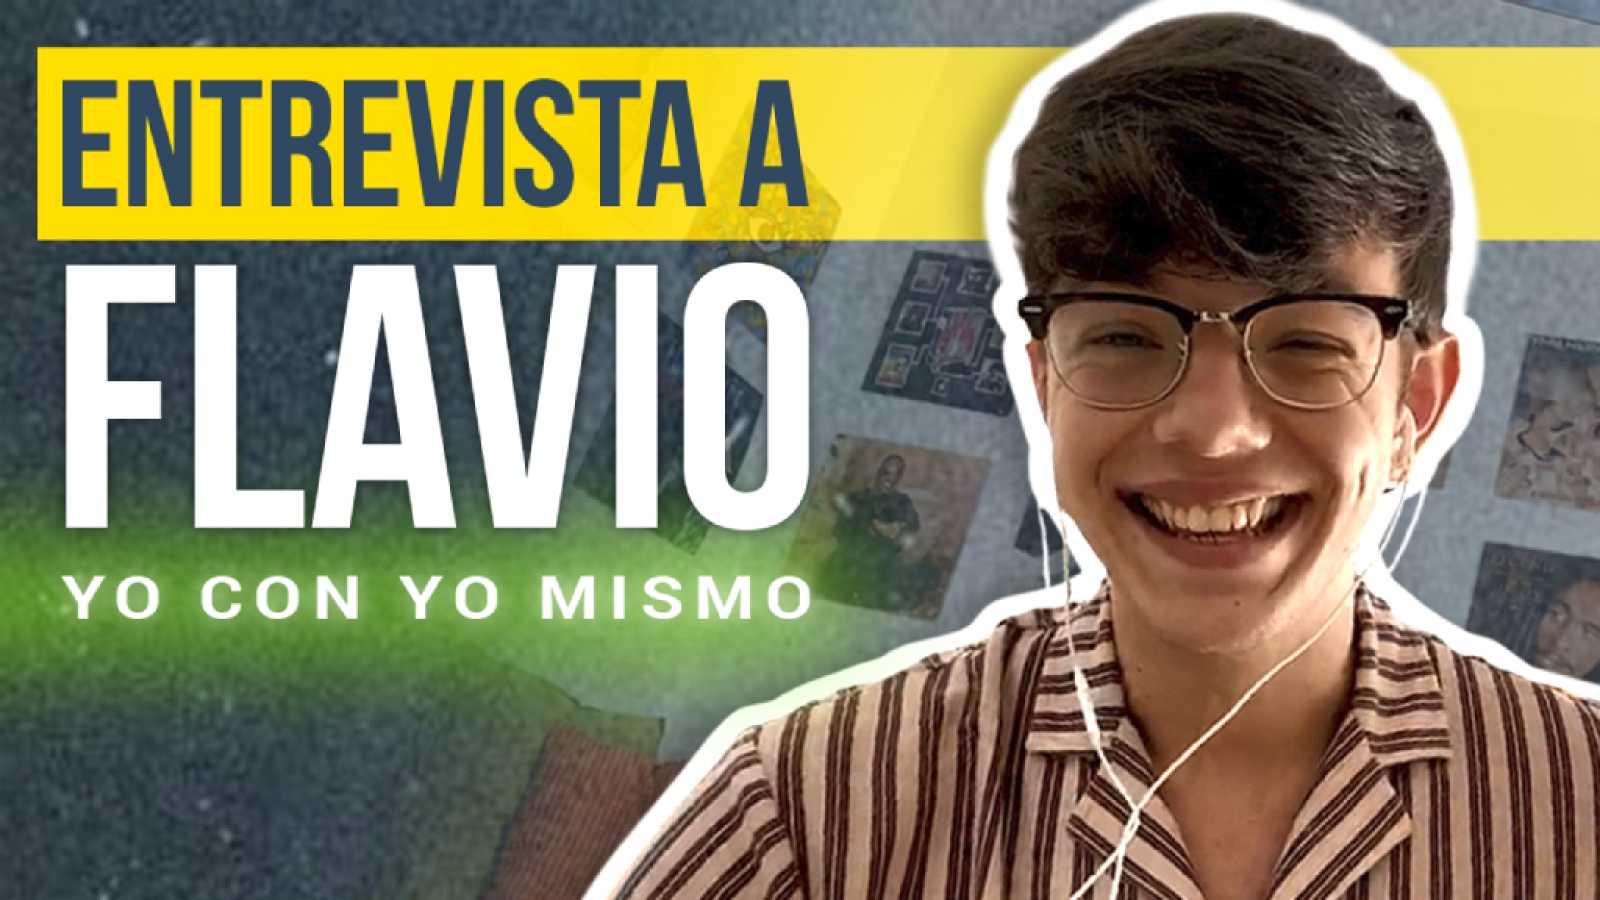 """Flavio (OT 2020) sobre """"Yo con yo mismo"""": """"Estoy convencido de que mucha gente se ha identificado con ella"""""""